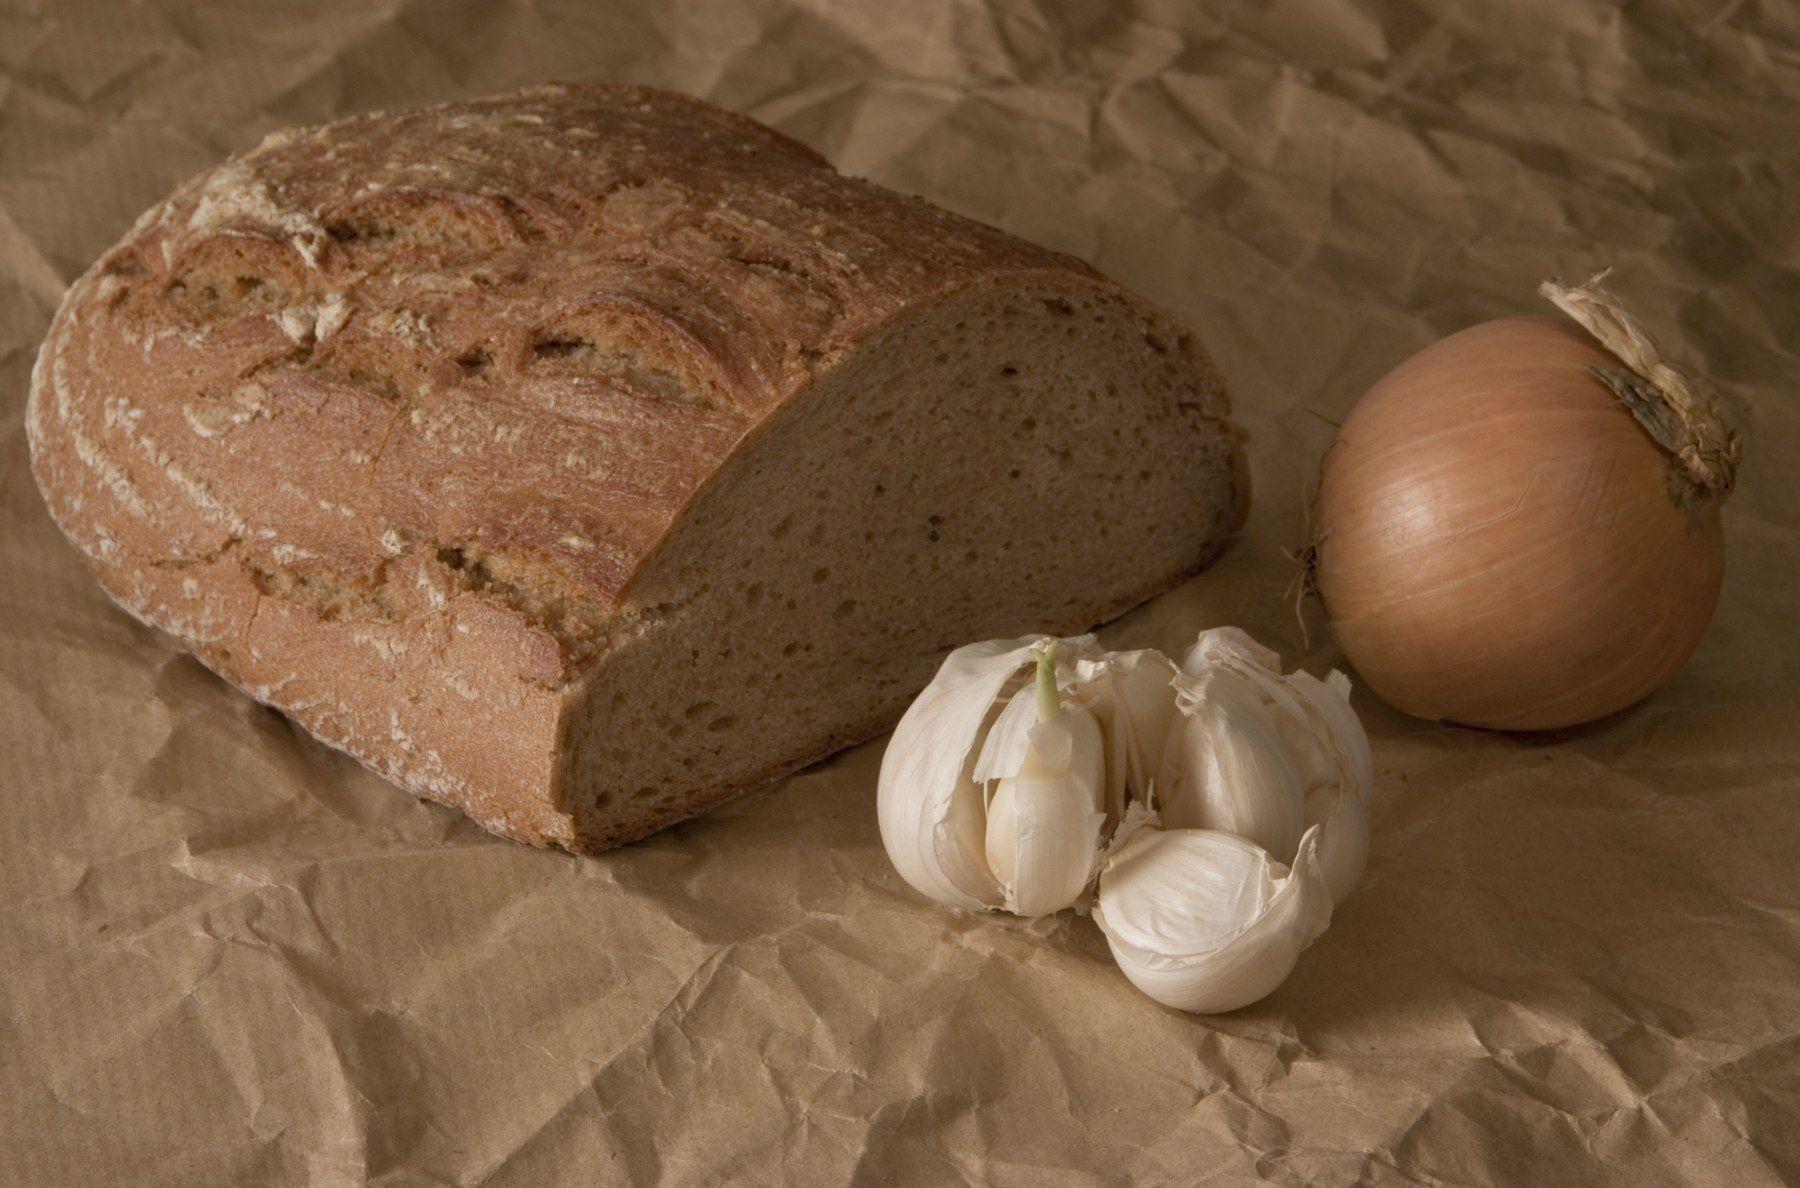 angeschnittener Brotlaib, Knoblauch und Zwiebel, Stillleben - stillife, bread, onion and garlic